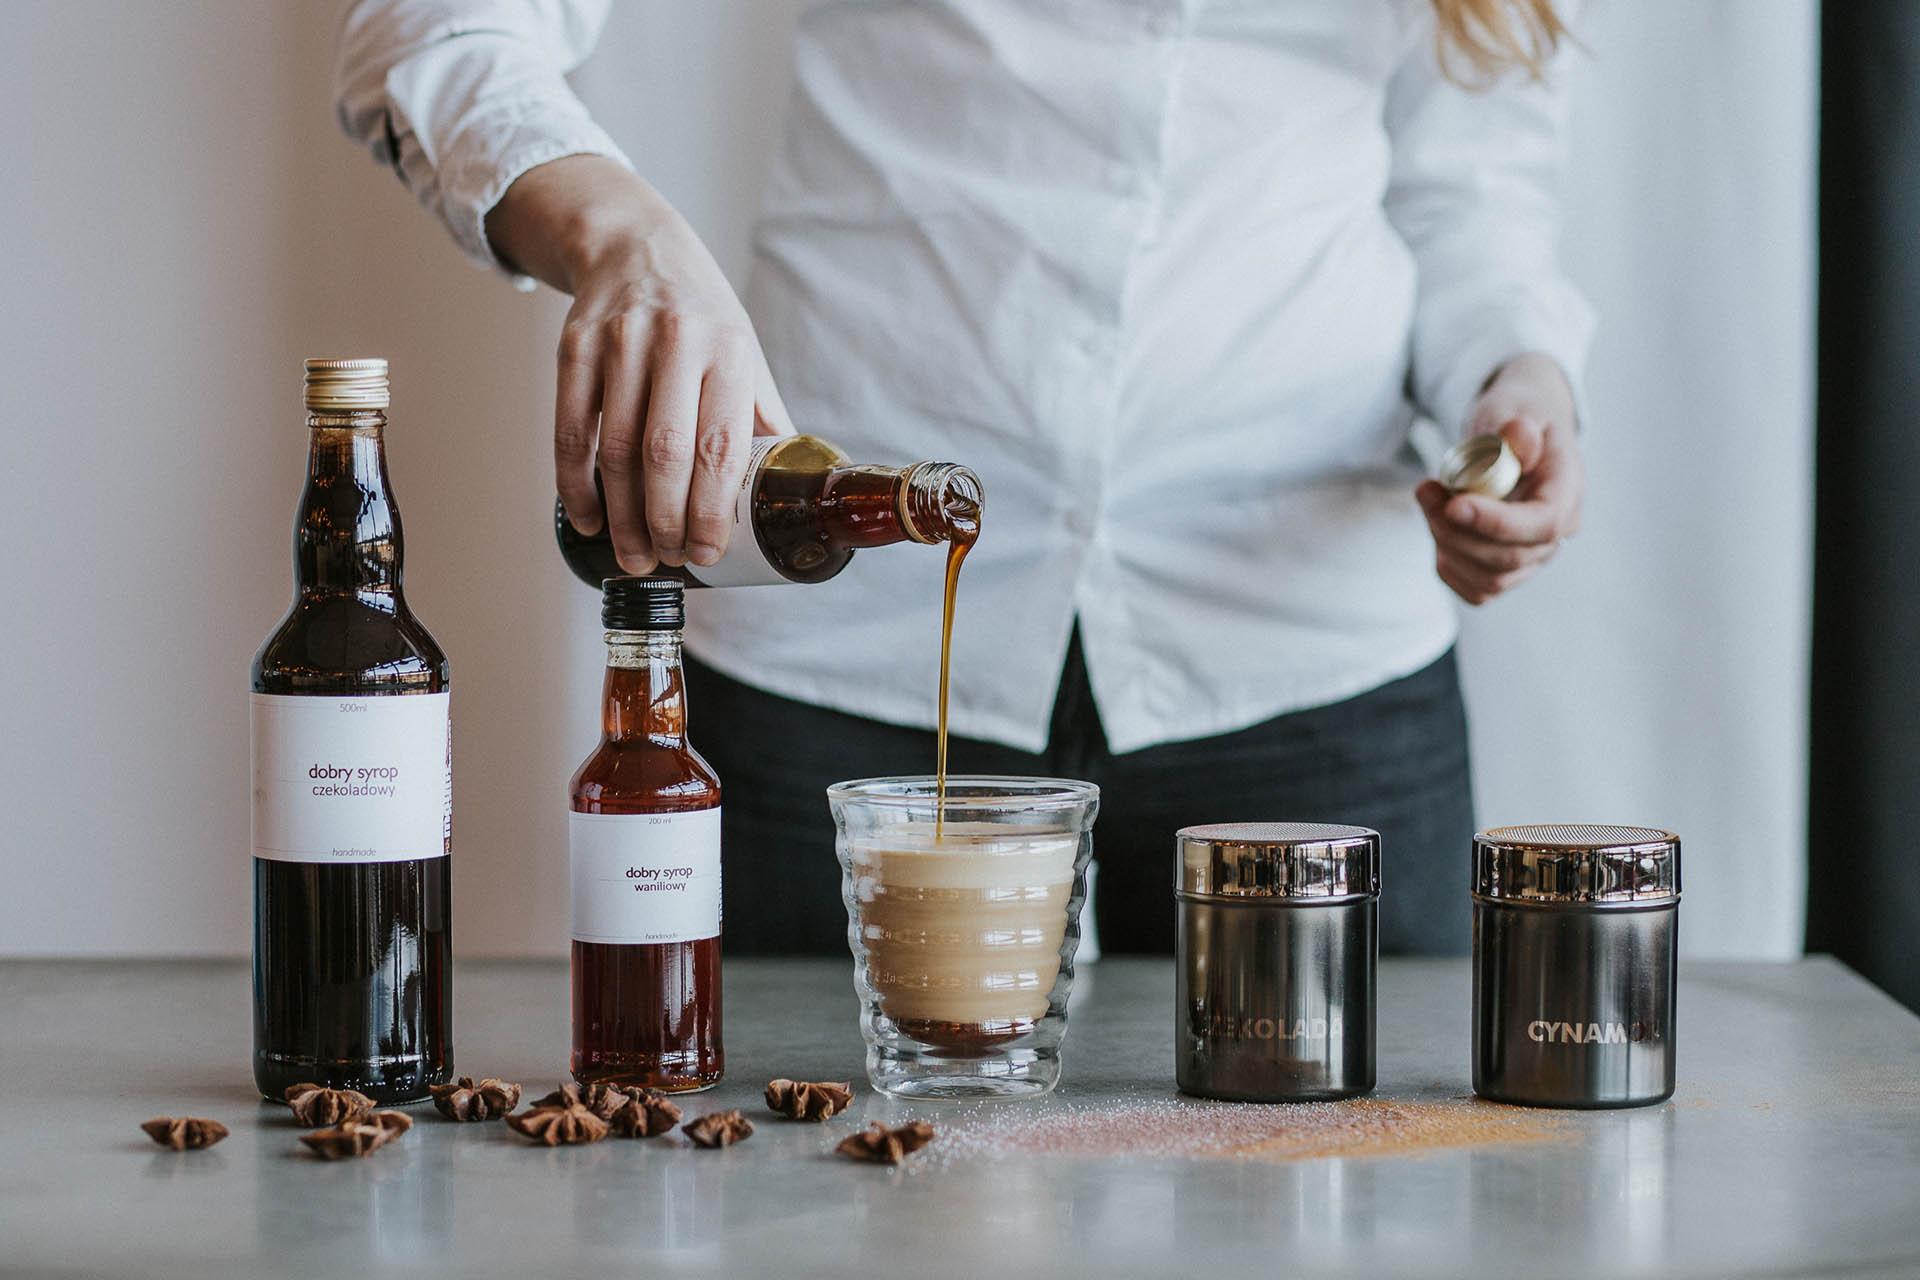 kawa smakowa syrop do kawy